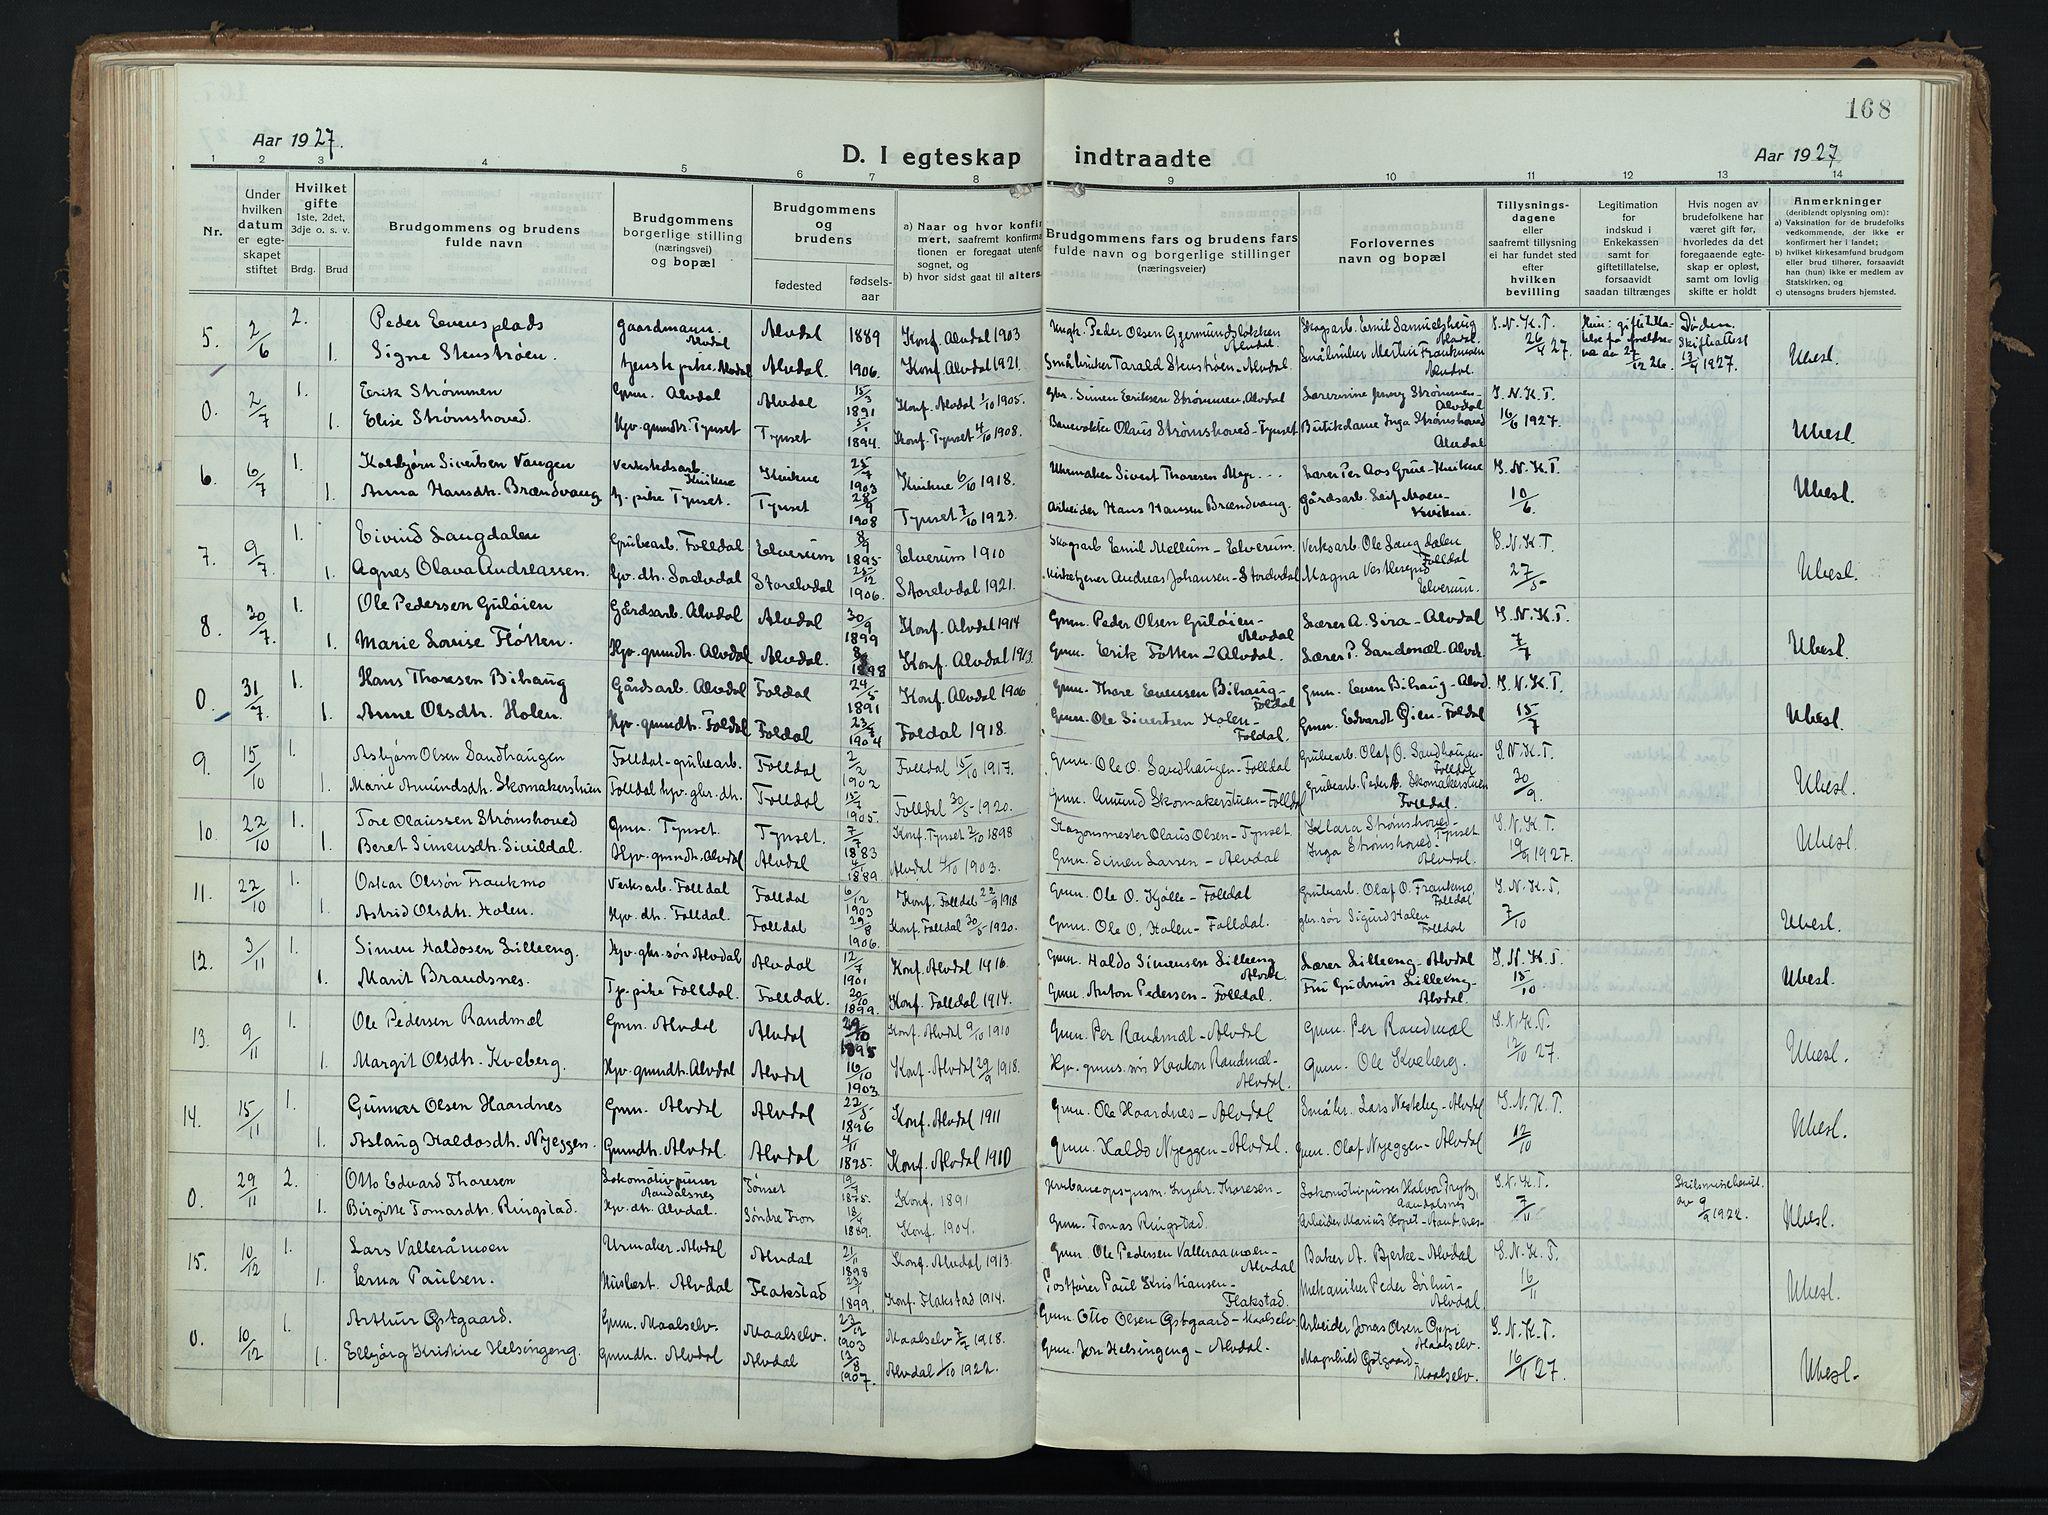 SAH, Alvdal prestekontor, Ministerialbok nr. 6, 1920-1937, s. 168